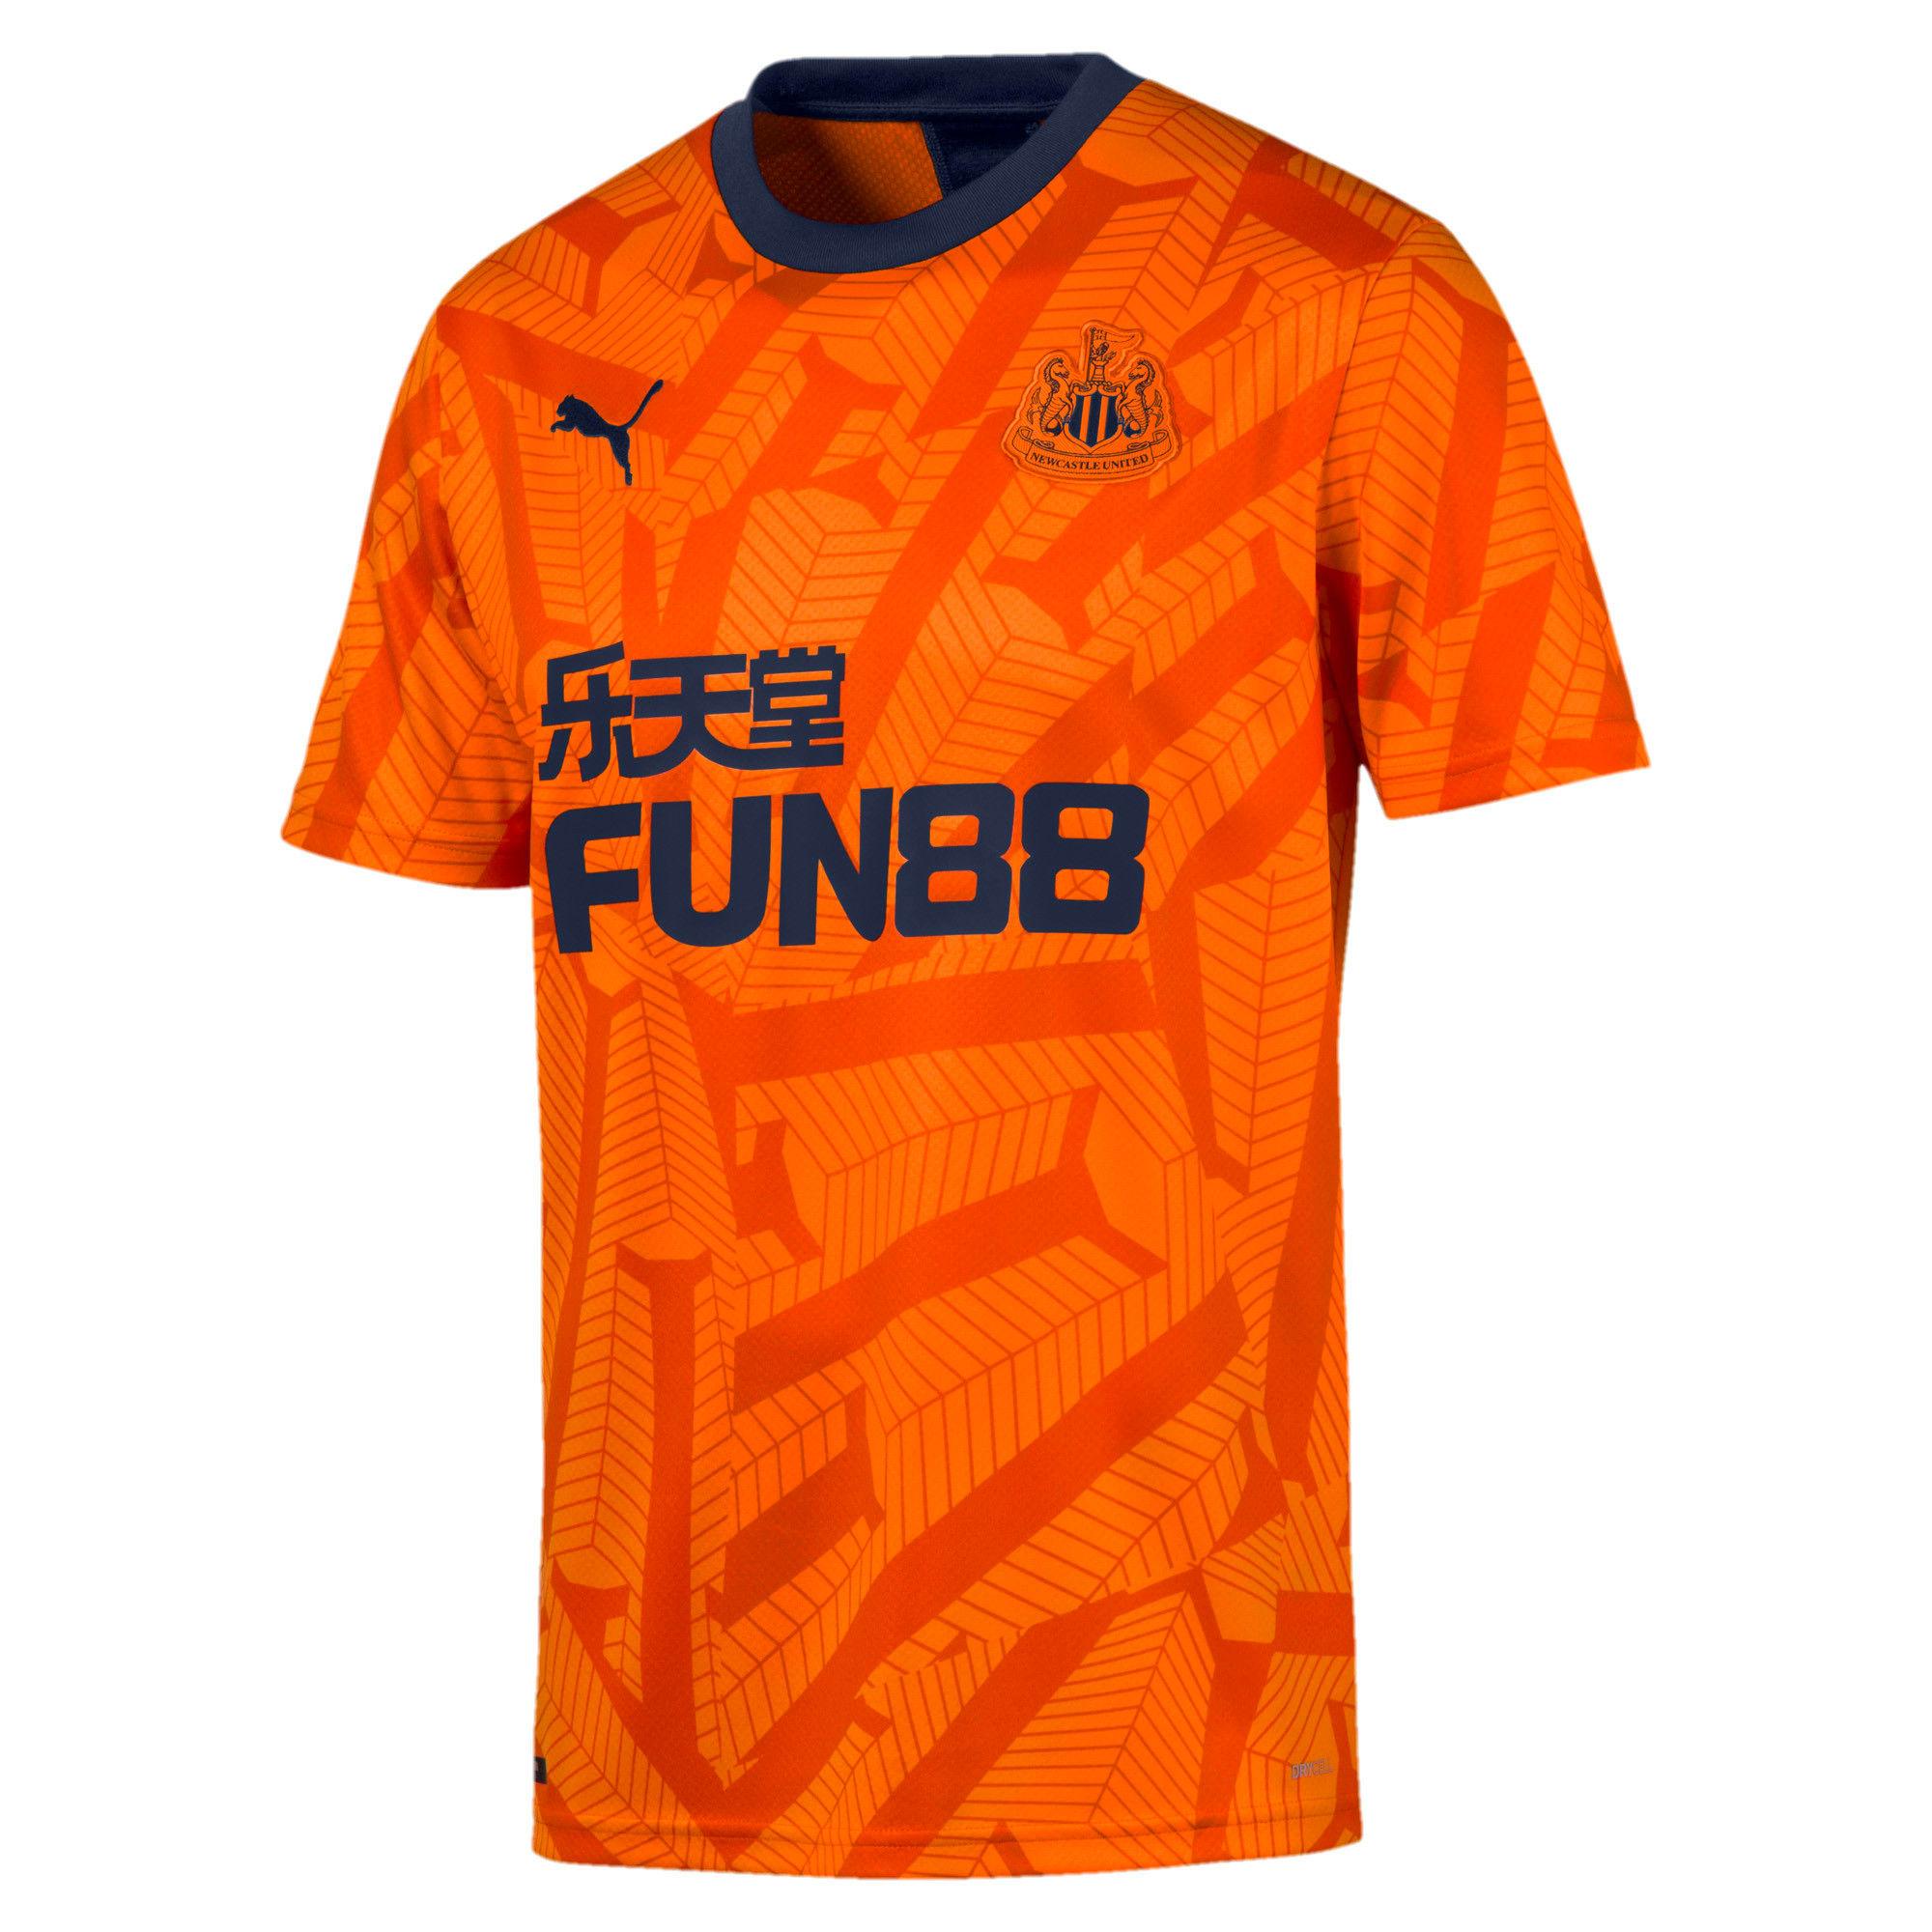 Thumbnail 1 van Newcastle United FC replica-derdeshirt met korte mouwen voor mannen, Feloranje-Peacoat, medium